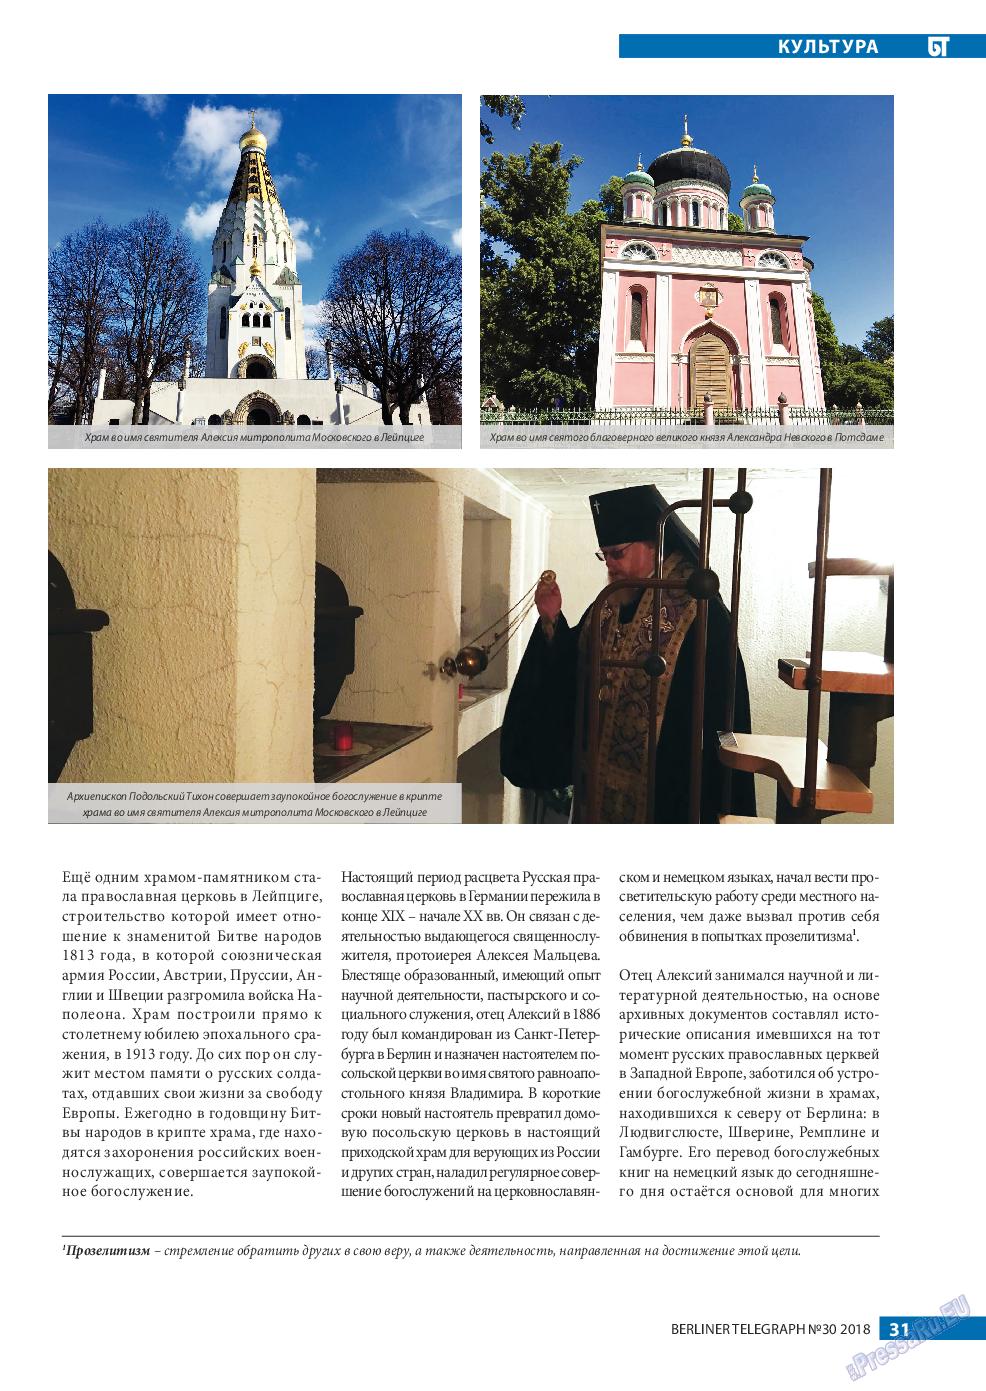 Берлинский телеграф (журнал). 2018 год, номер 30, стр. 31